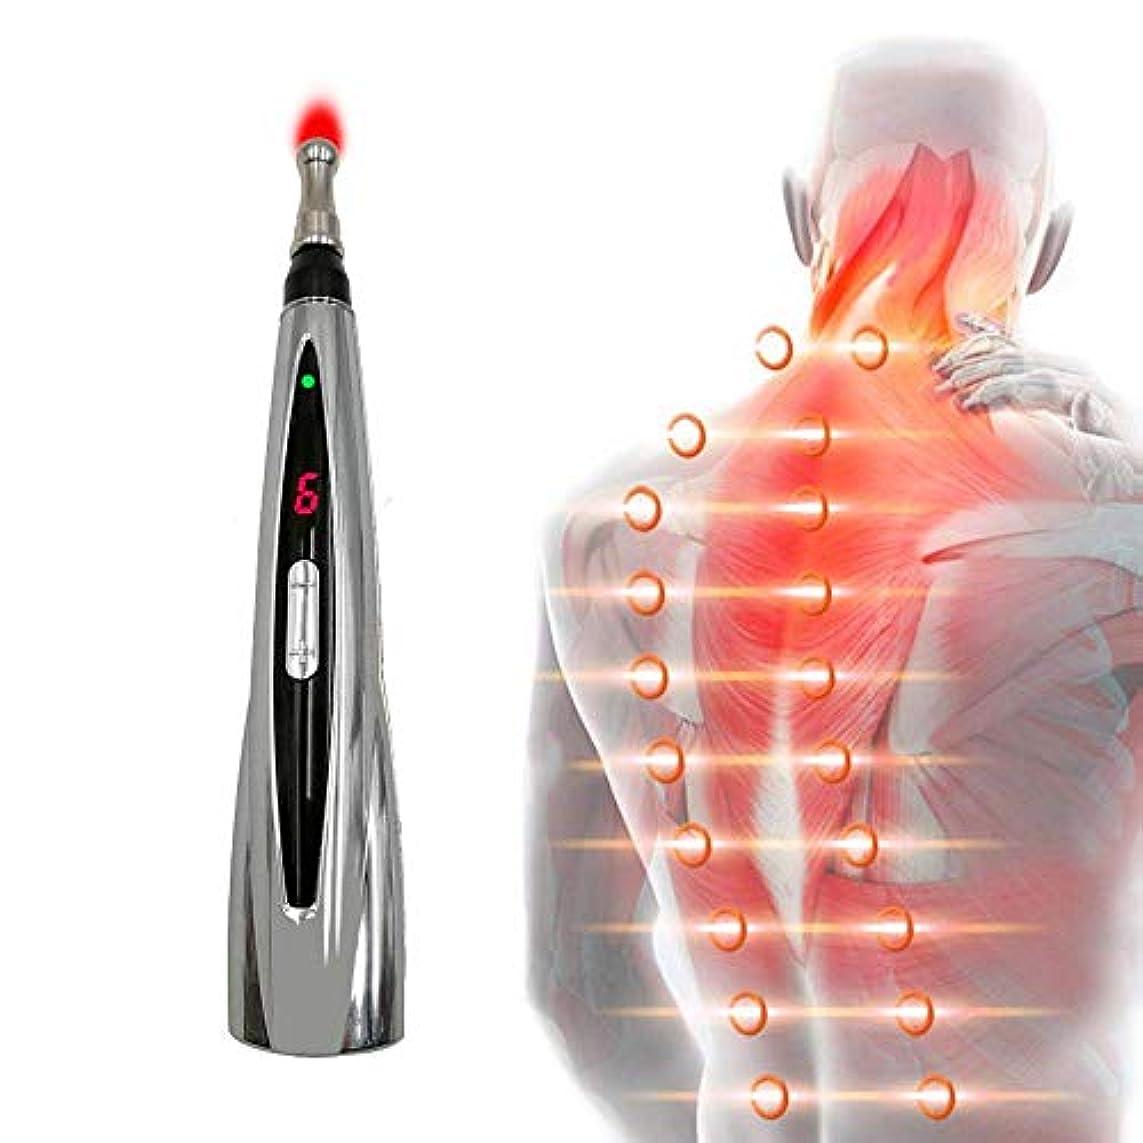 換気するギャングスタードラゴン鍼治療のペン、痛みの緩和とヘルスケアのための電気経絡エネルギー、ボディマッサージャーの痛みを緩和する療法の器械の健康